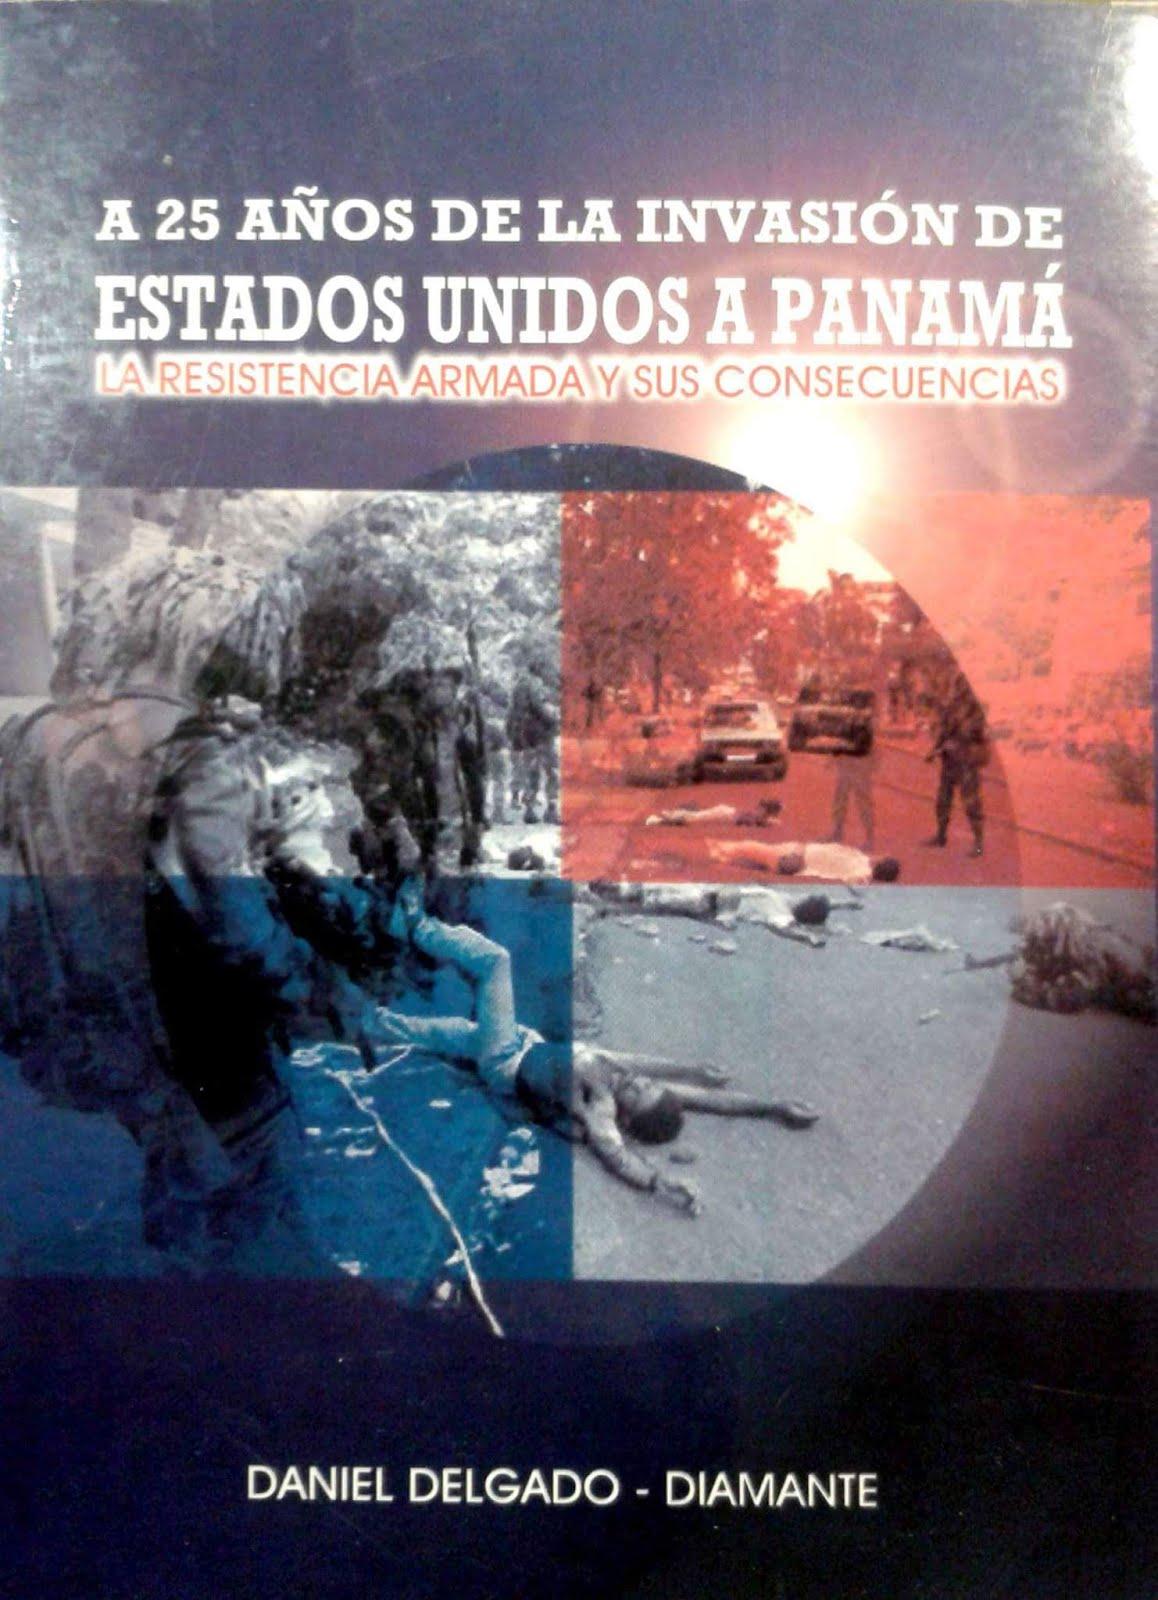 A 25 años de la invasión de Estados Unidos a Panamá